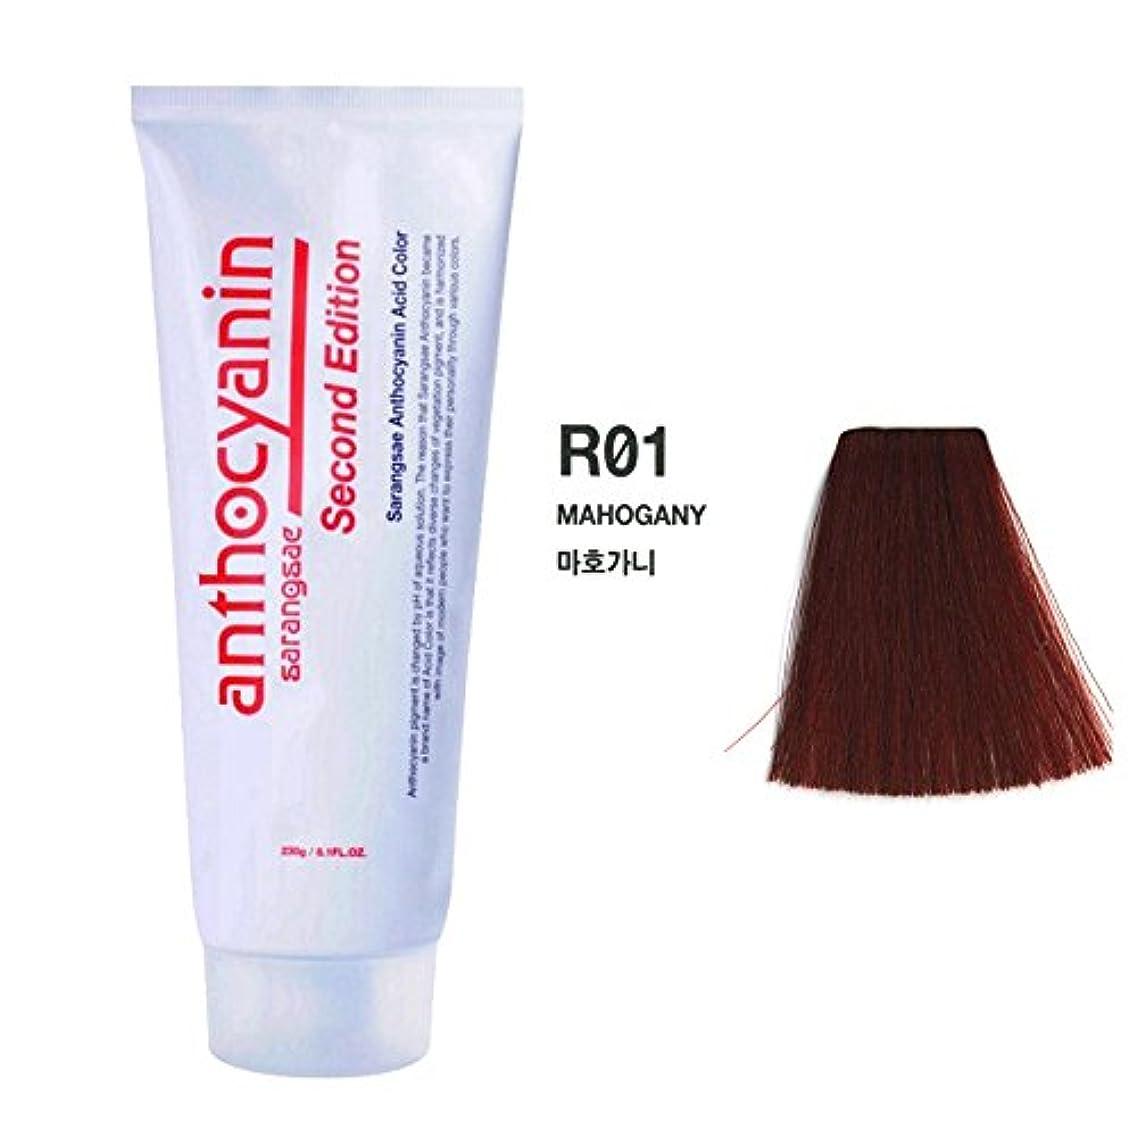 絶えず自我内陸ヘア マニキュア カラー セカンド エディション 230g セミ パーマネント 染毛剤 ( Hair Manicure Color Second Edition 230g Semi Permanent Hair Dye) [並行輸入品] (R01 Mahogany)